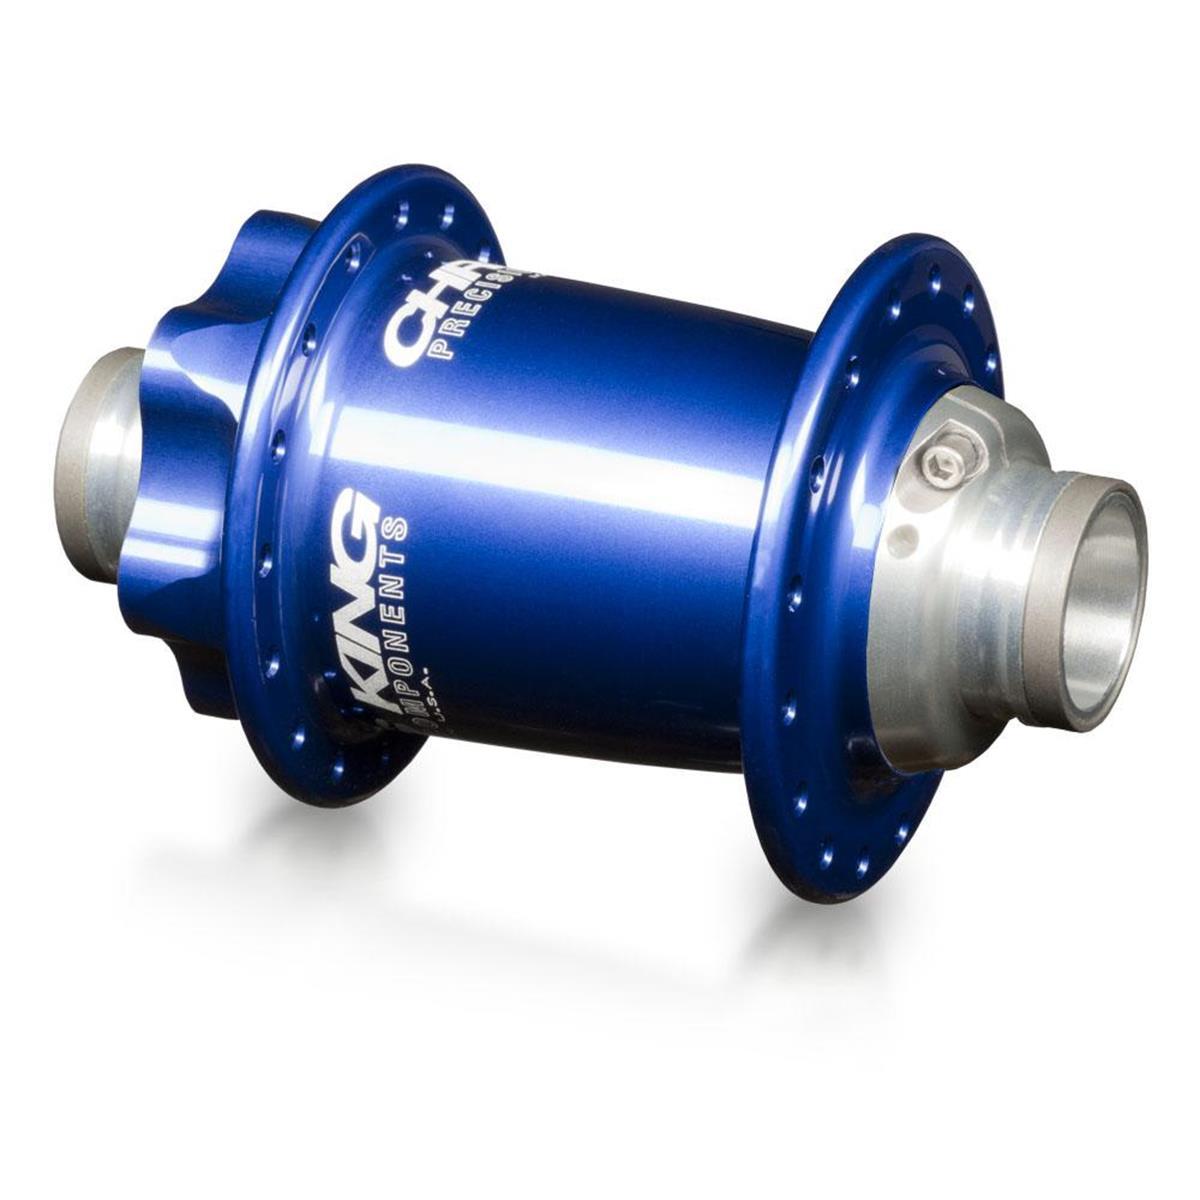 Chris King MTB-Nabe Vorderrad ISO LD 100mm x 15mm, 32-Loch, 6-Bolt, Navy